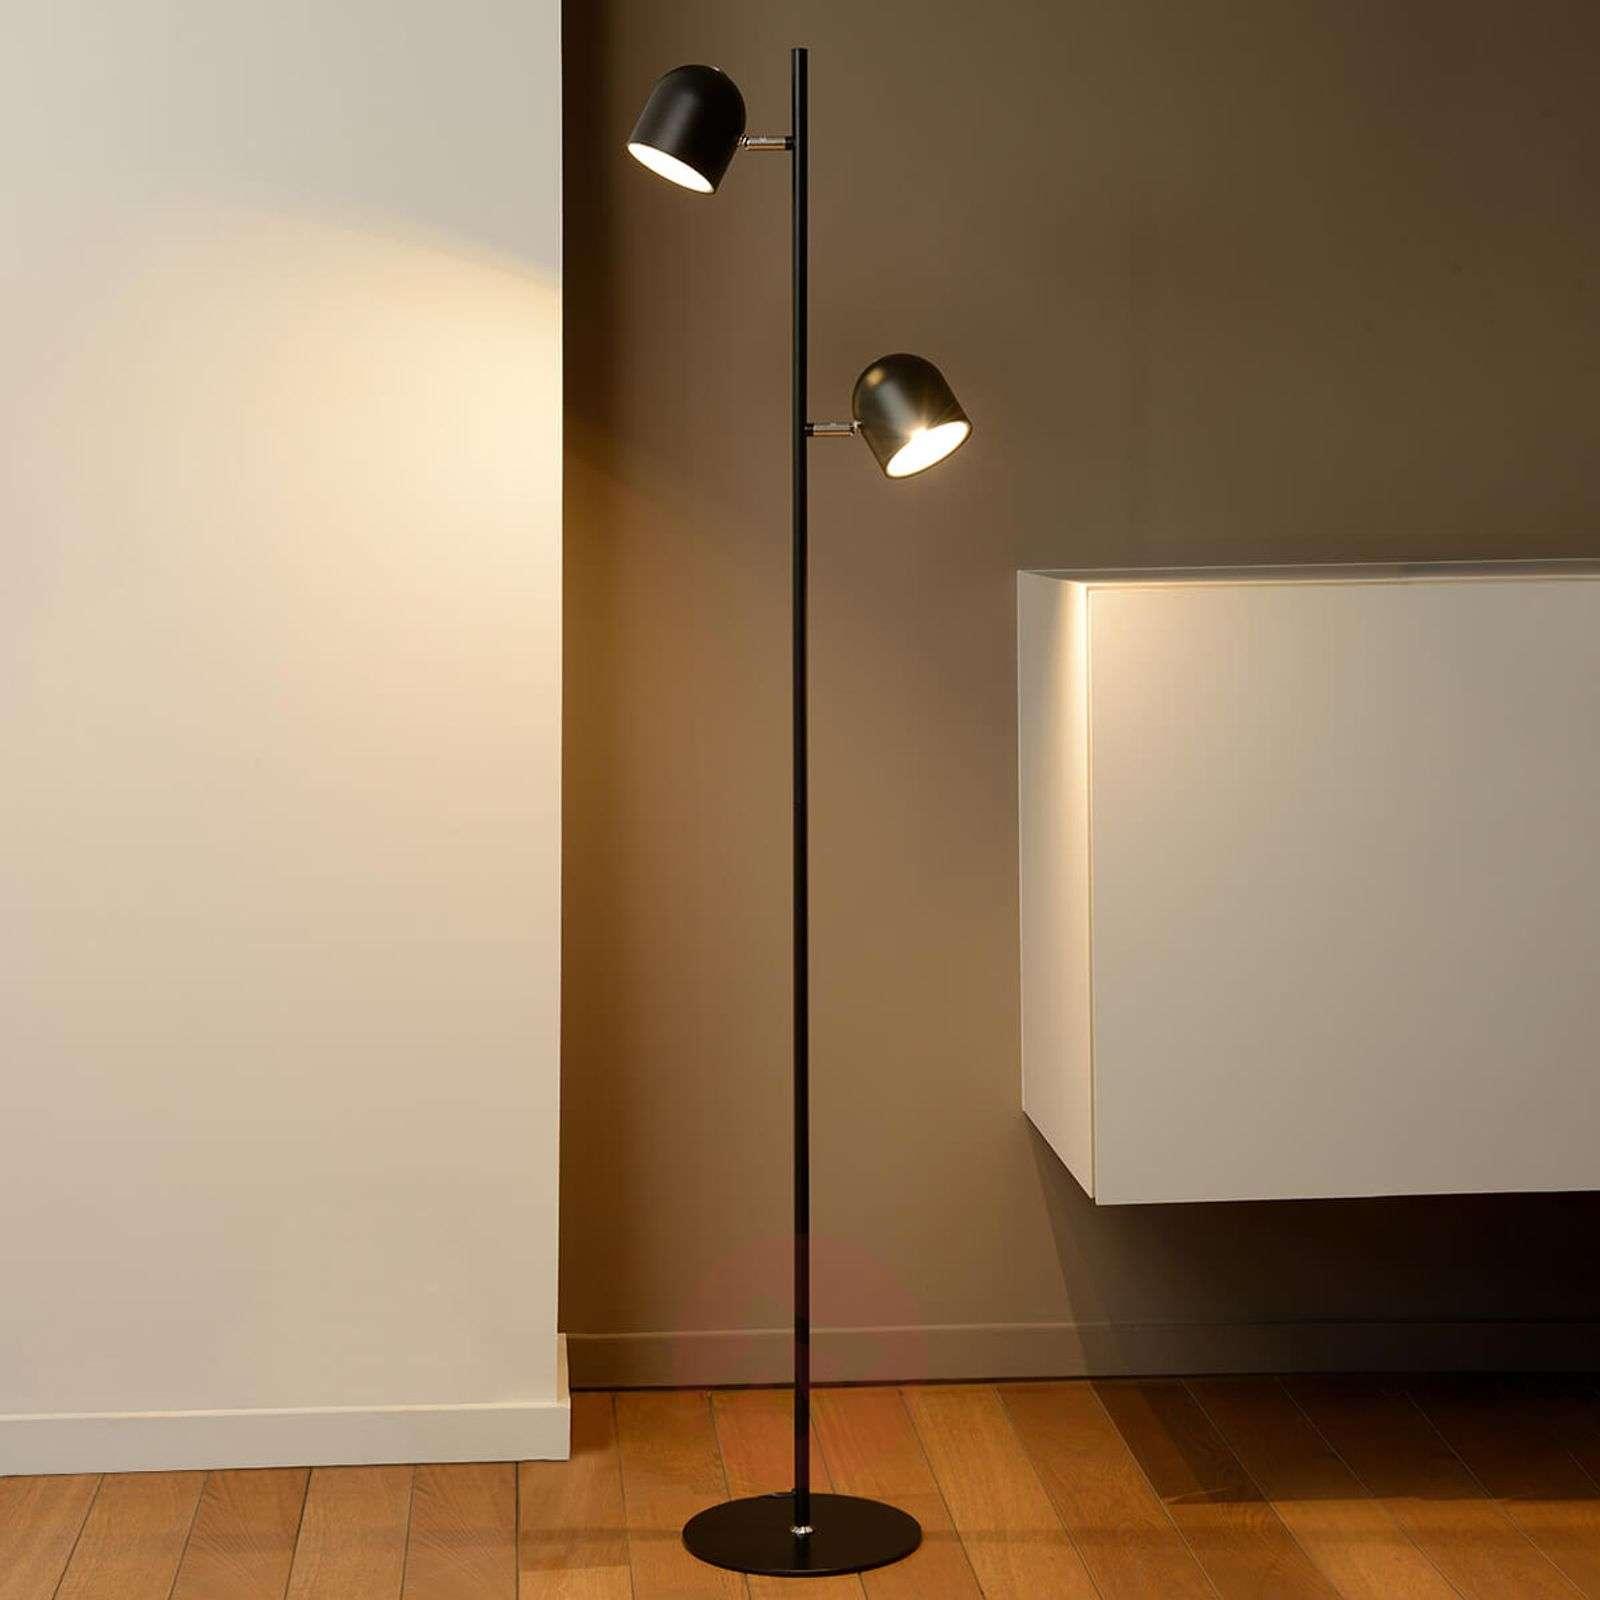 Dimmable LED floor lamp Skanska in black-6055150-01